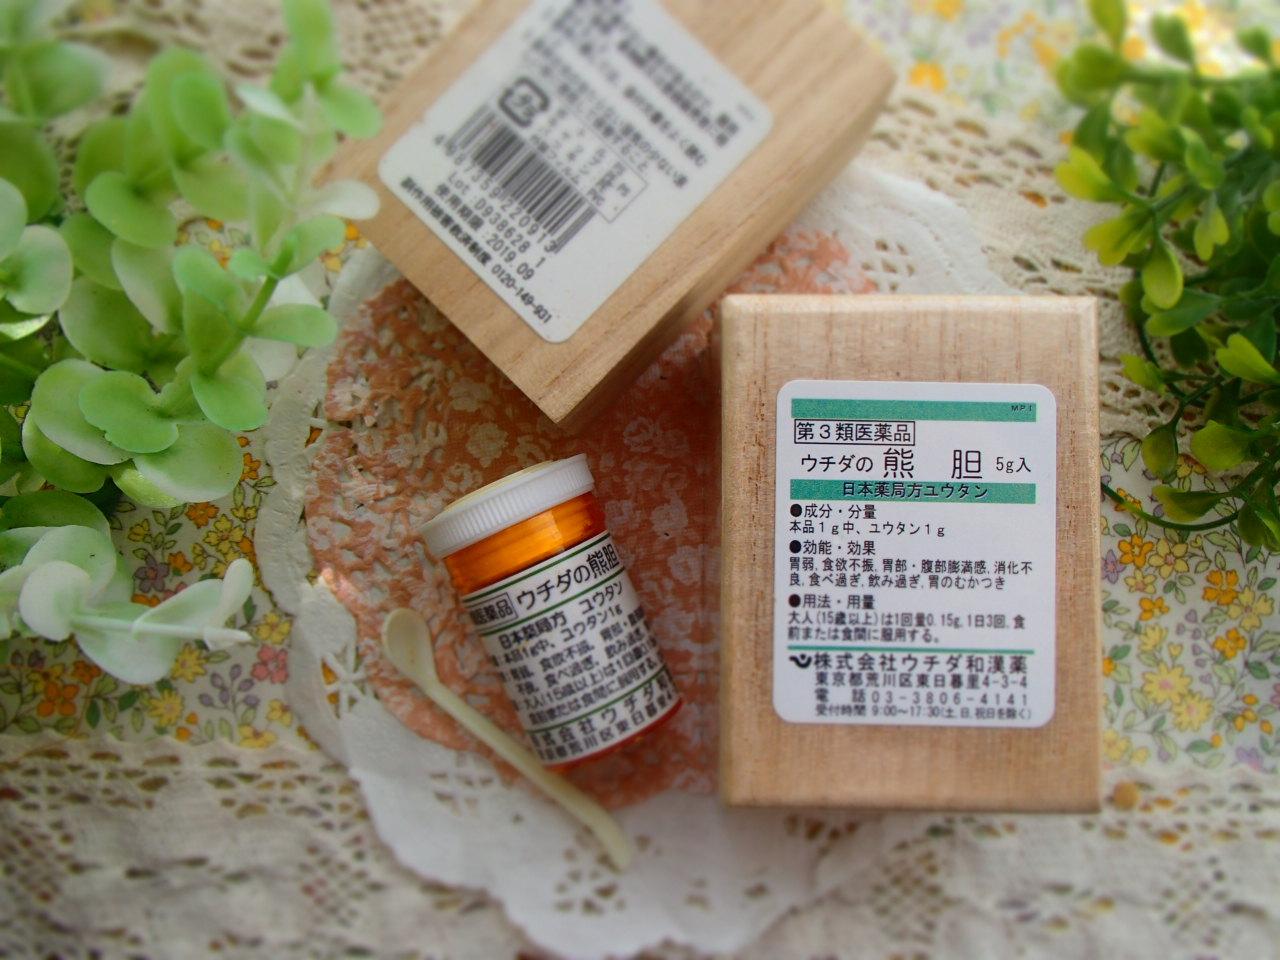 熊胆ゆうたん1g(ウチダ和漢薬)